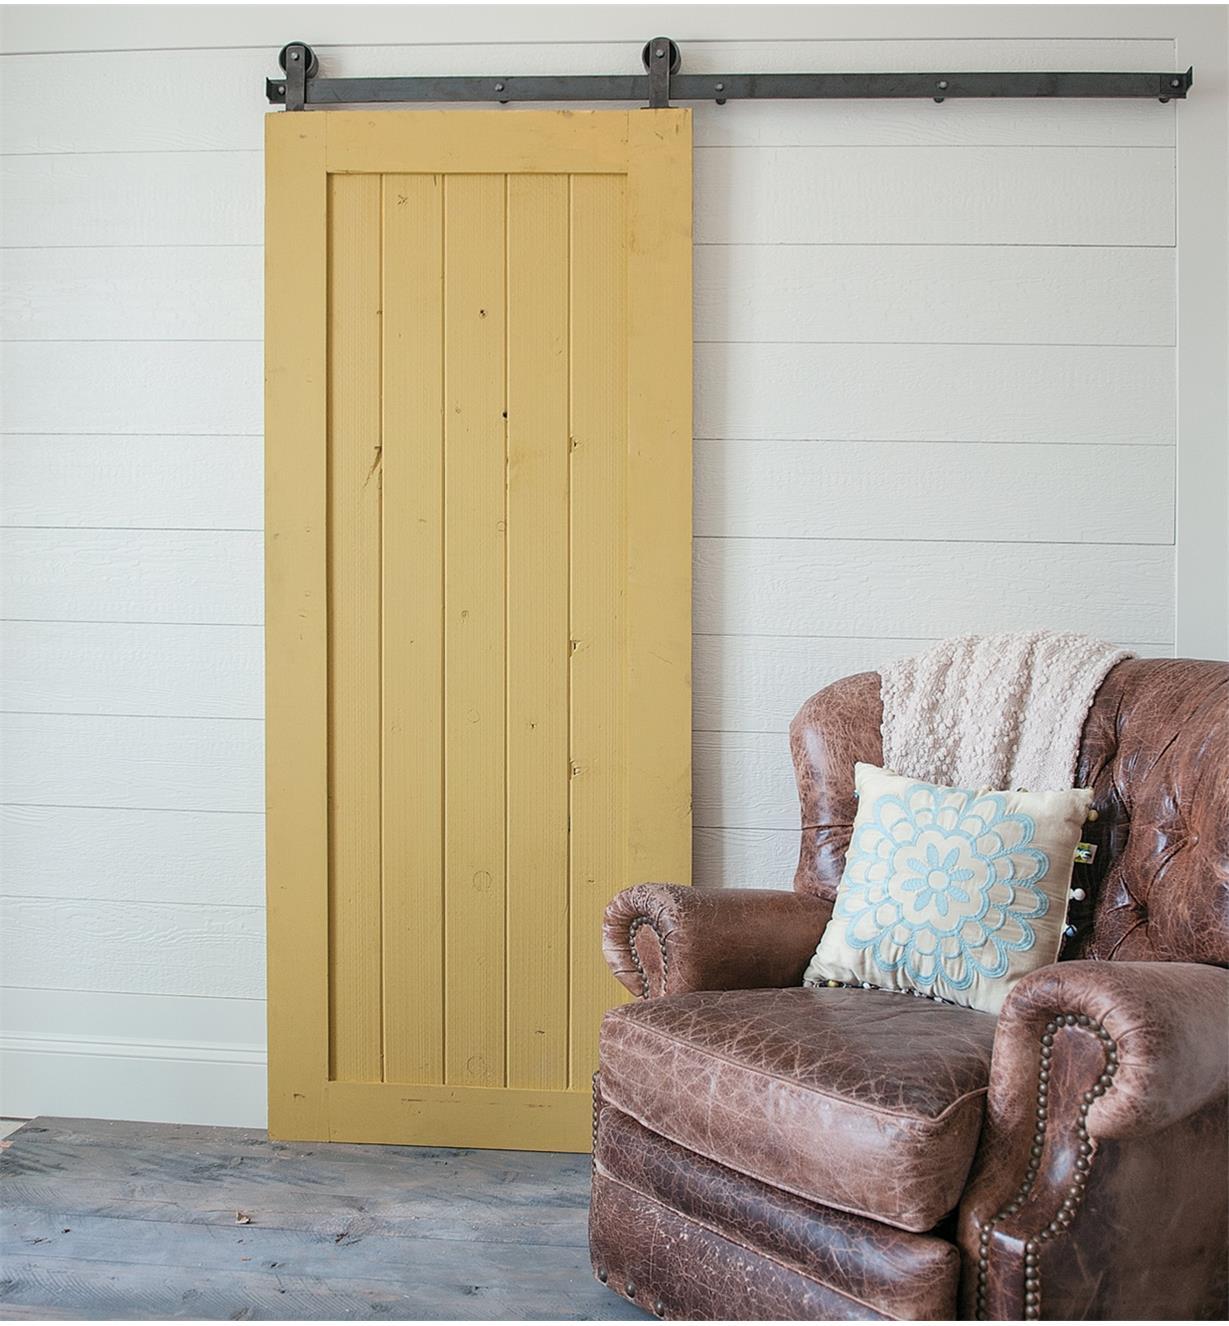 00B1040 - Classic Top-Mount Barn-Style Door Hardware